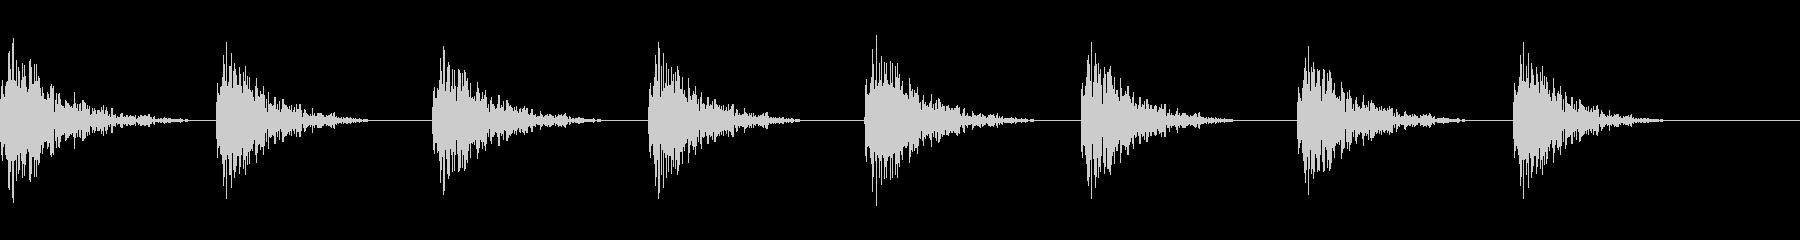 どすん(巨人、歩く、足音)A09の未再生の波形